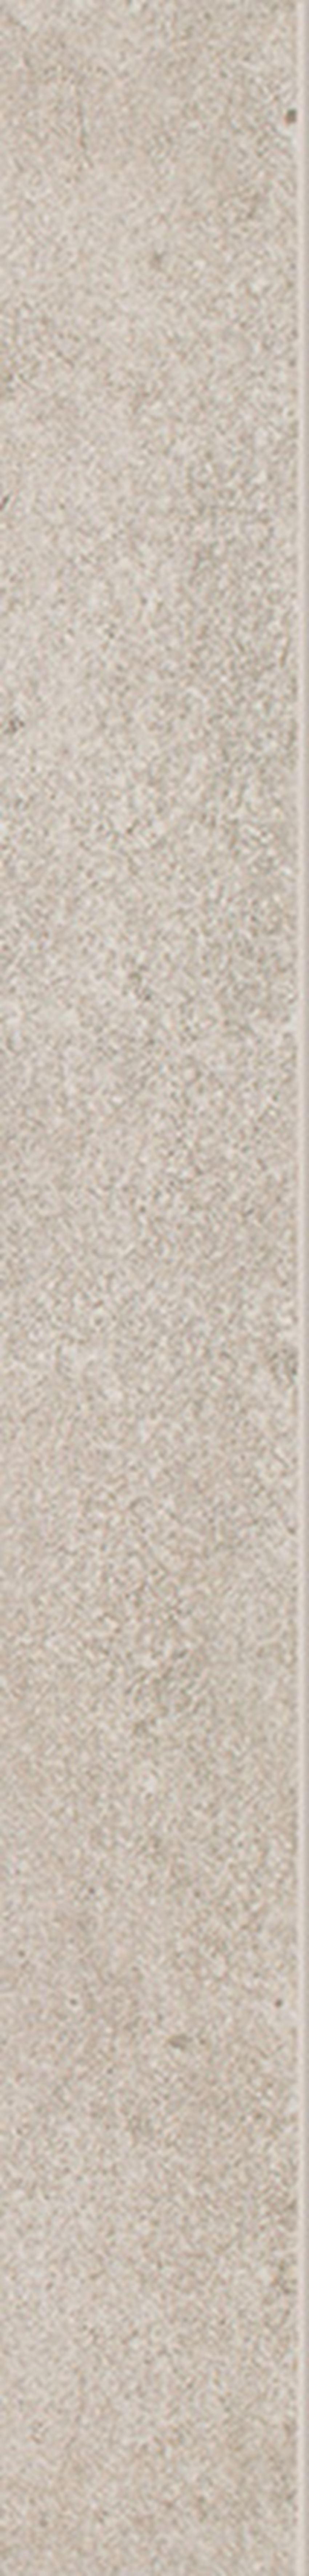 Płytka cokołowa, 7,2x59,8 cm Paradyż Riversand Beige Cokół Półpoler